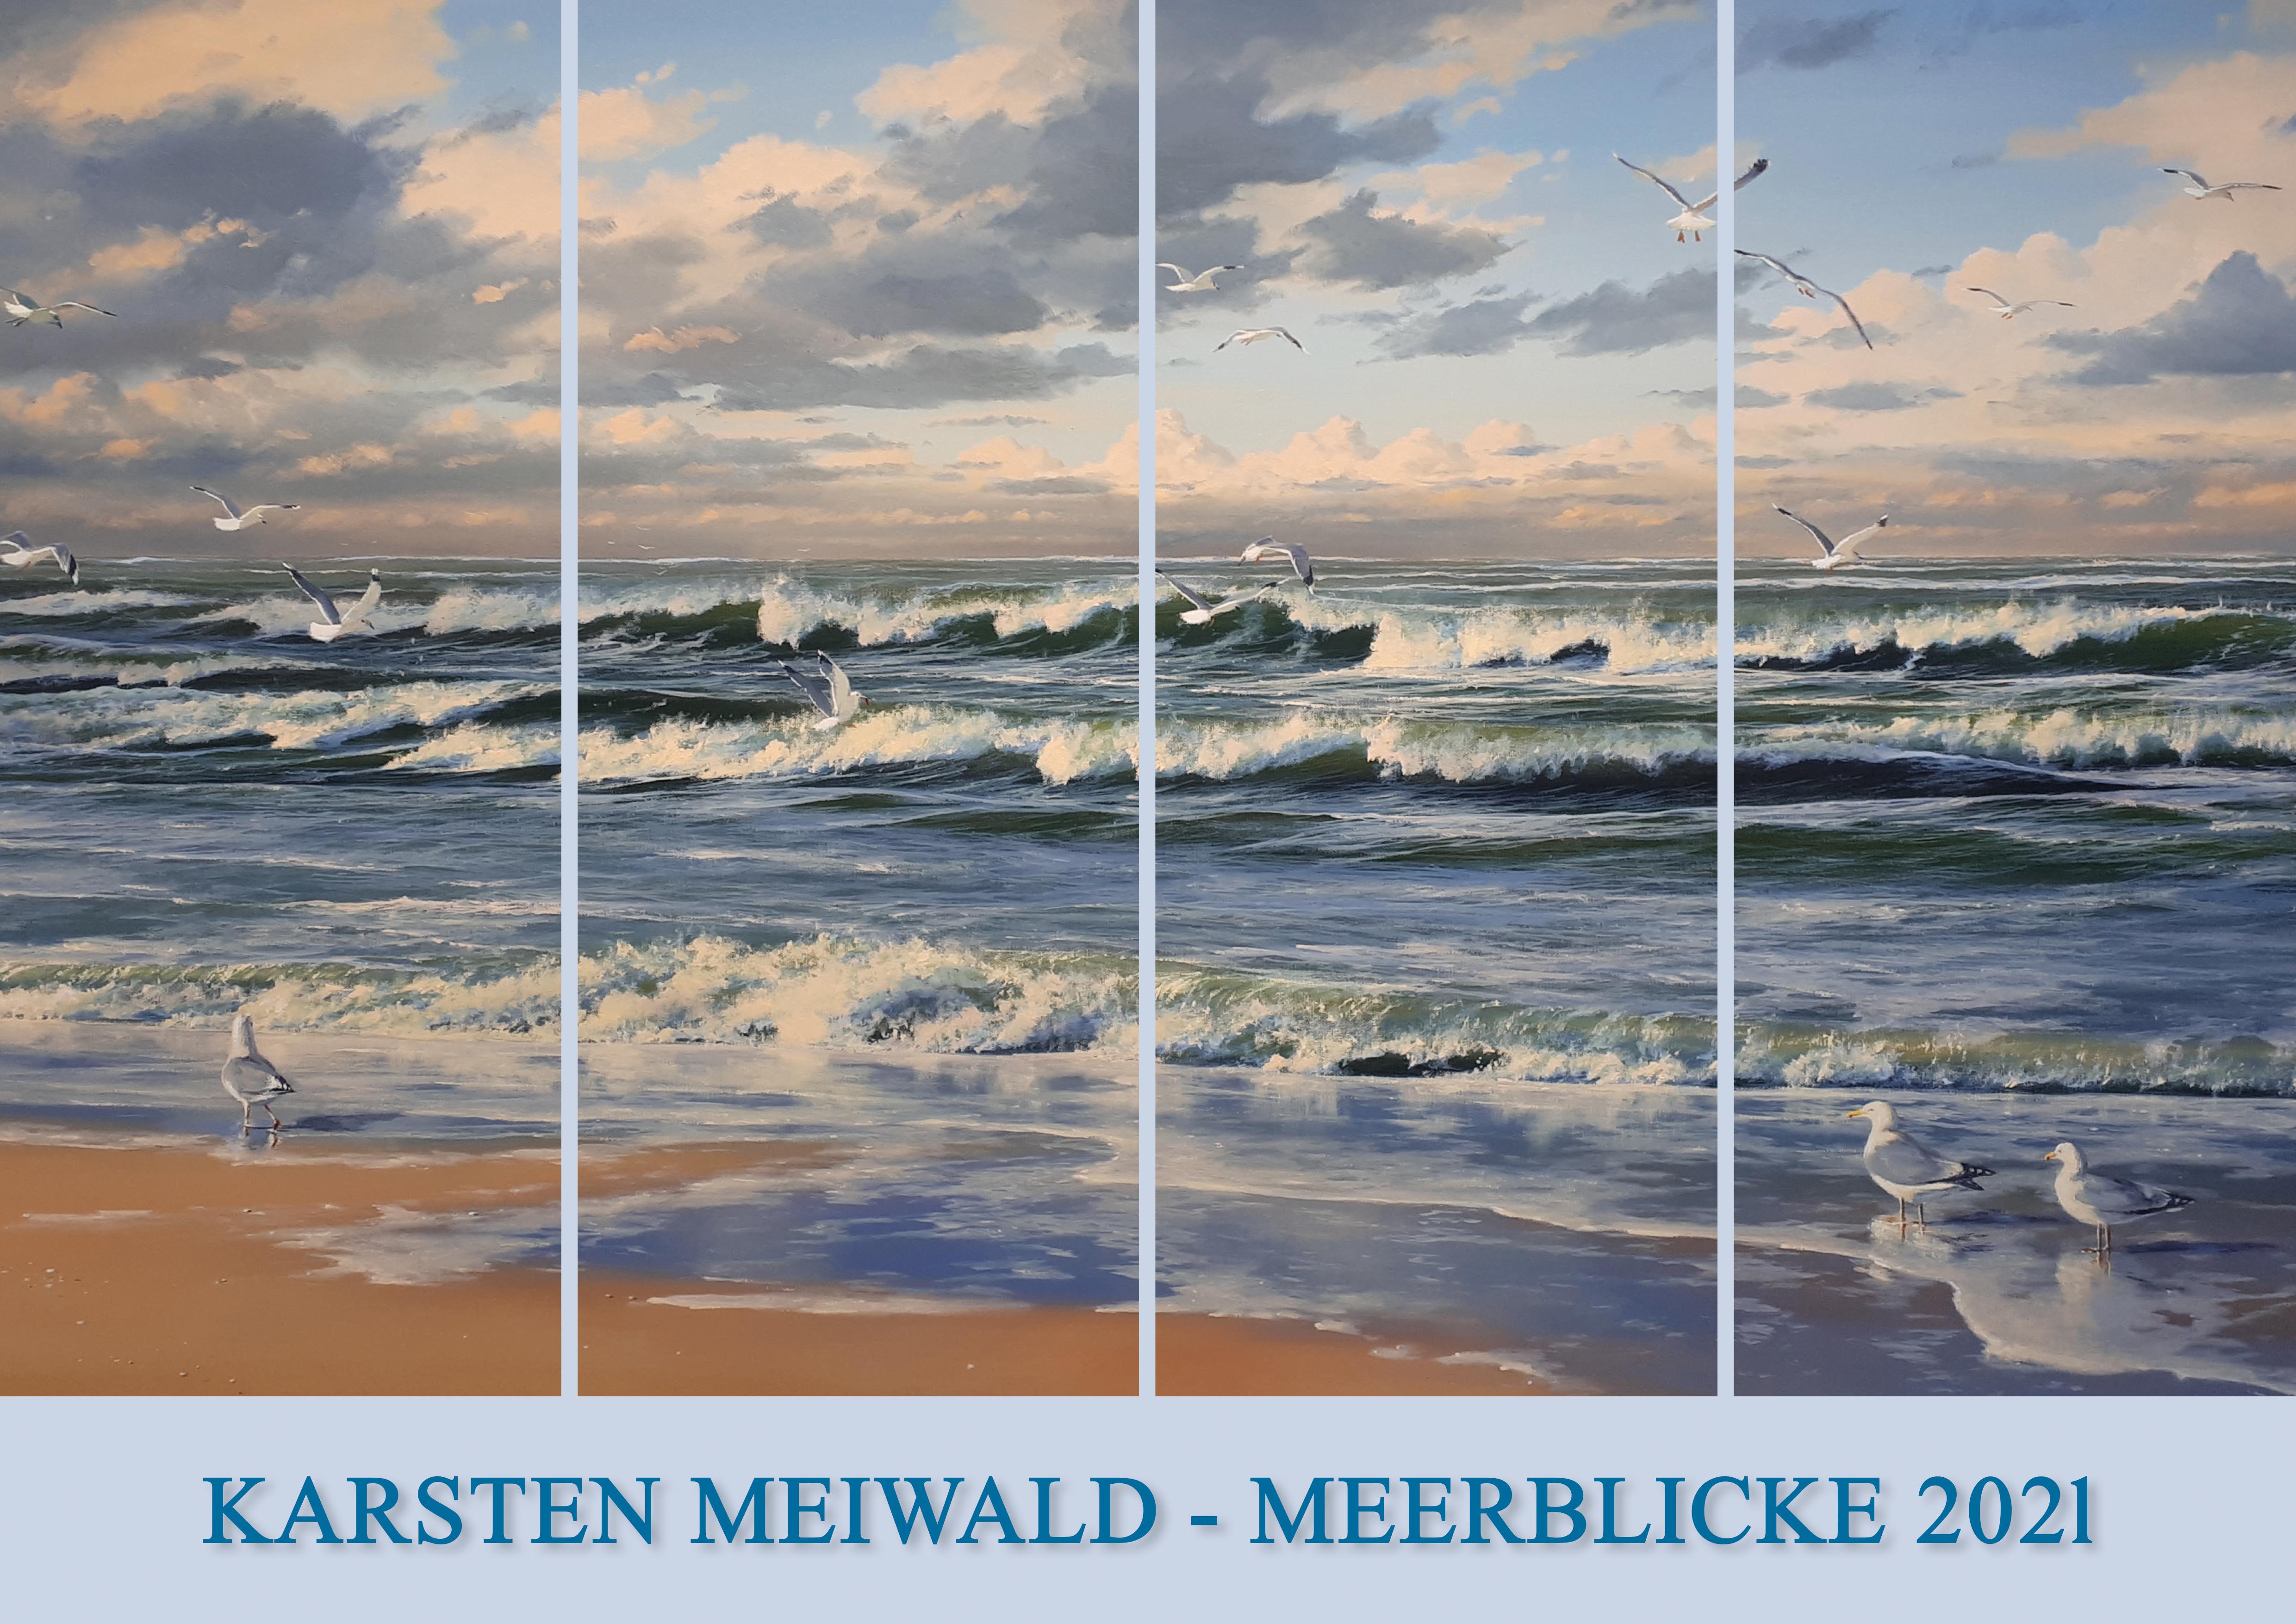 Kalender 2021 von Karsten Meiwald - Meerblicke